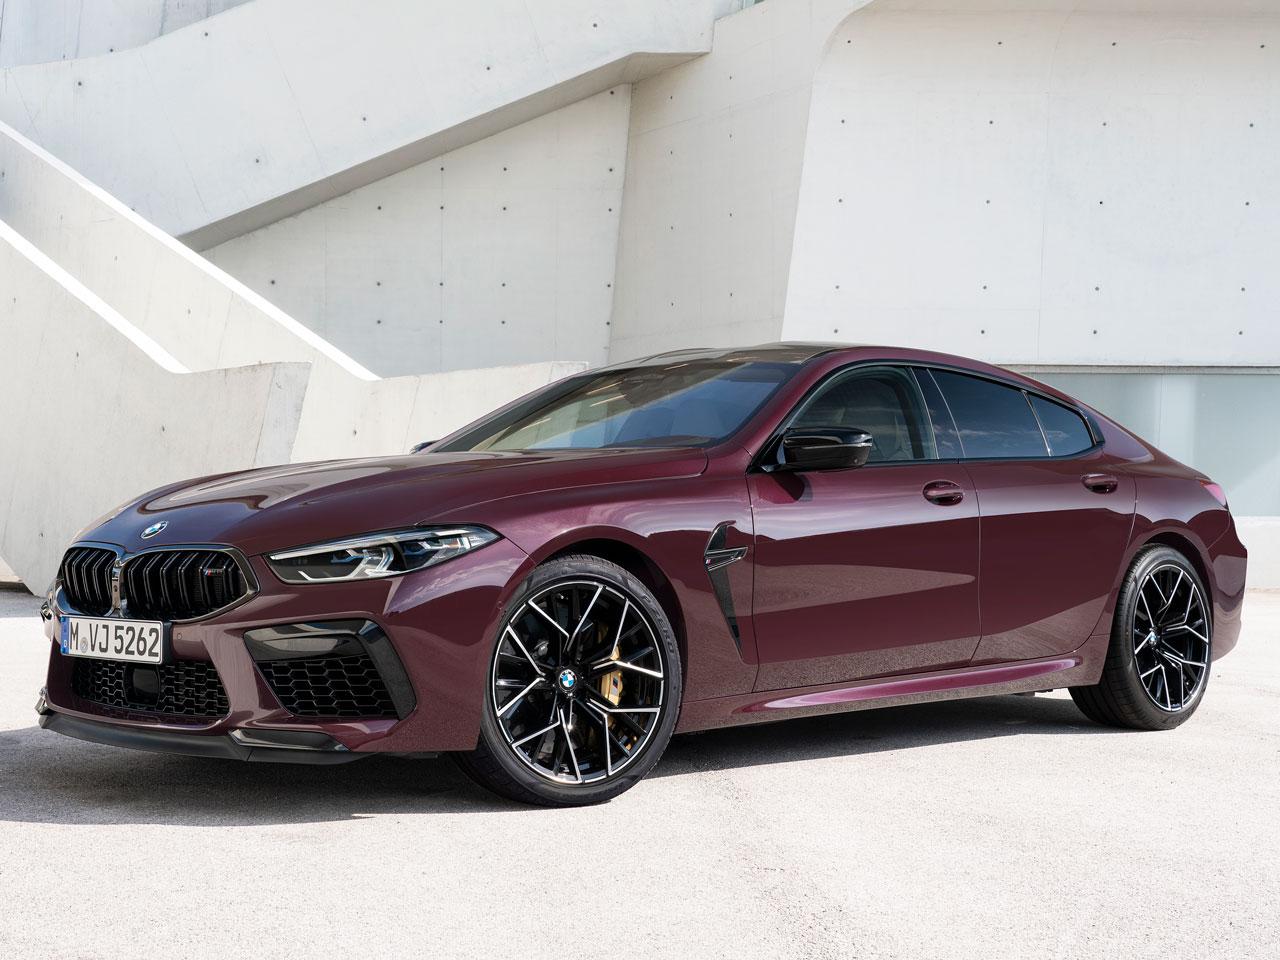 BMW M8 グラン クーペ 2020年モデル 新車画像